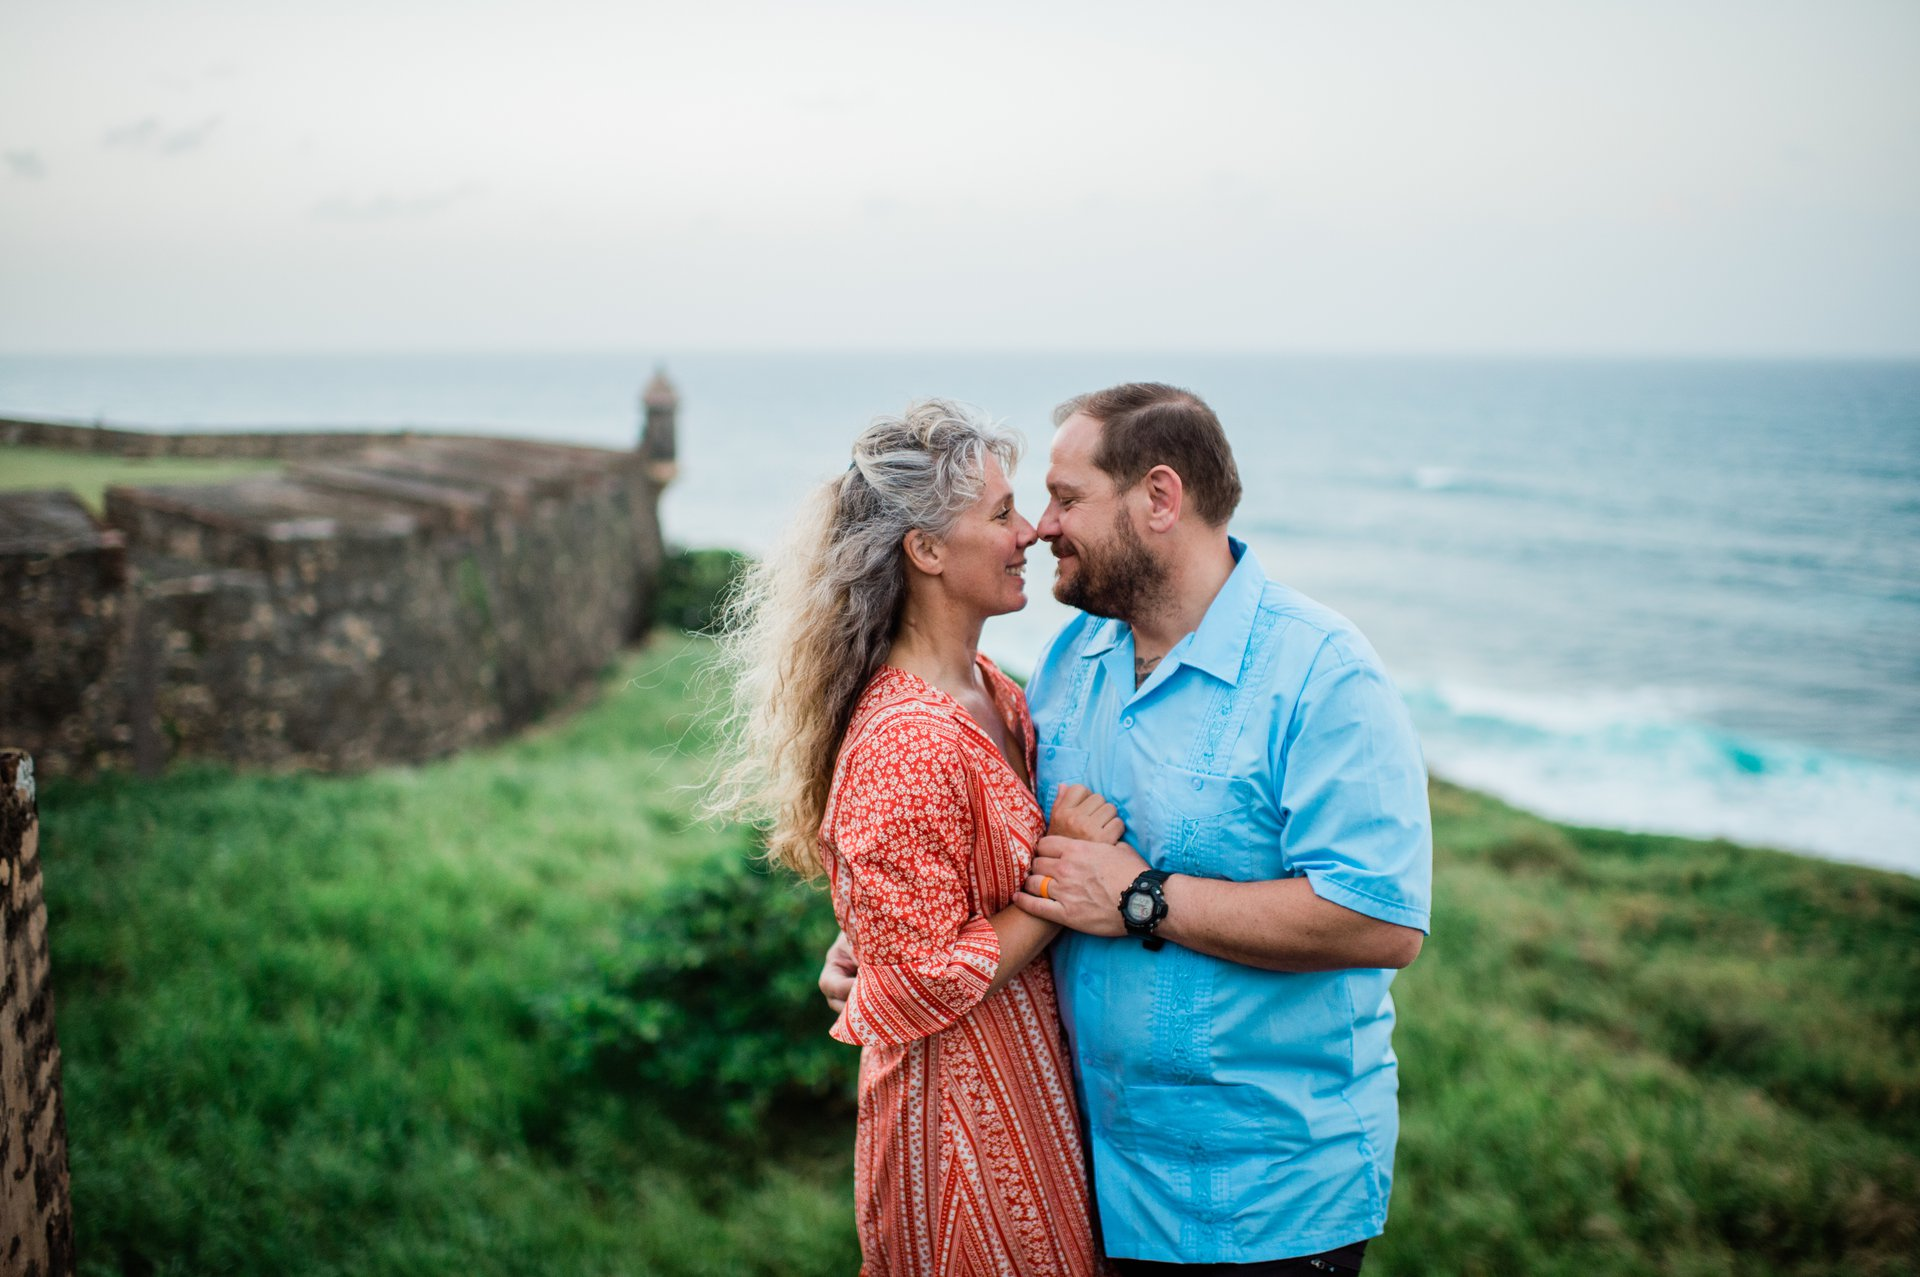 Flytographer Travel Story - Celebrating Love in Viejo San Juan